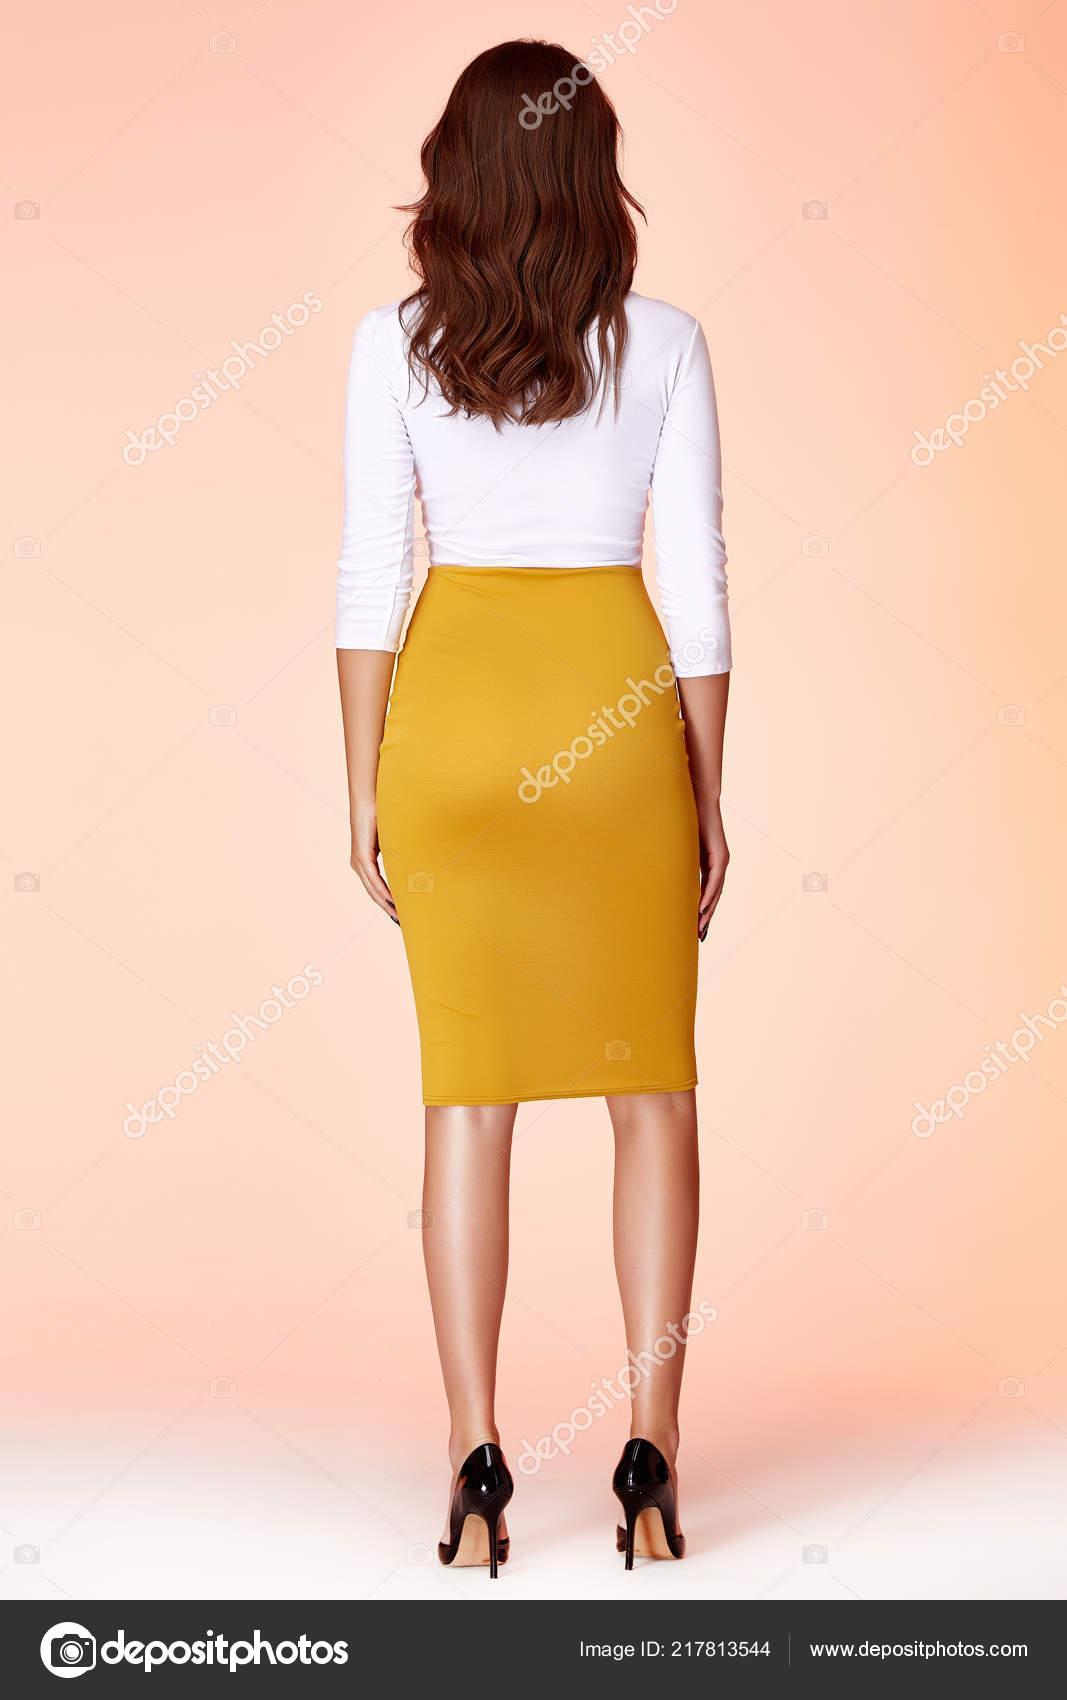 9fe5751b8 Retrato hermoso negocio mujer dama estilo cuerpo perfecto forma morena pelo  desgaste amarillo falda blusa blanca elegancia casual estilo Secretaria de  ...